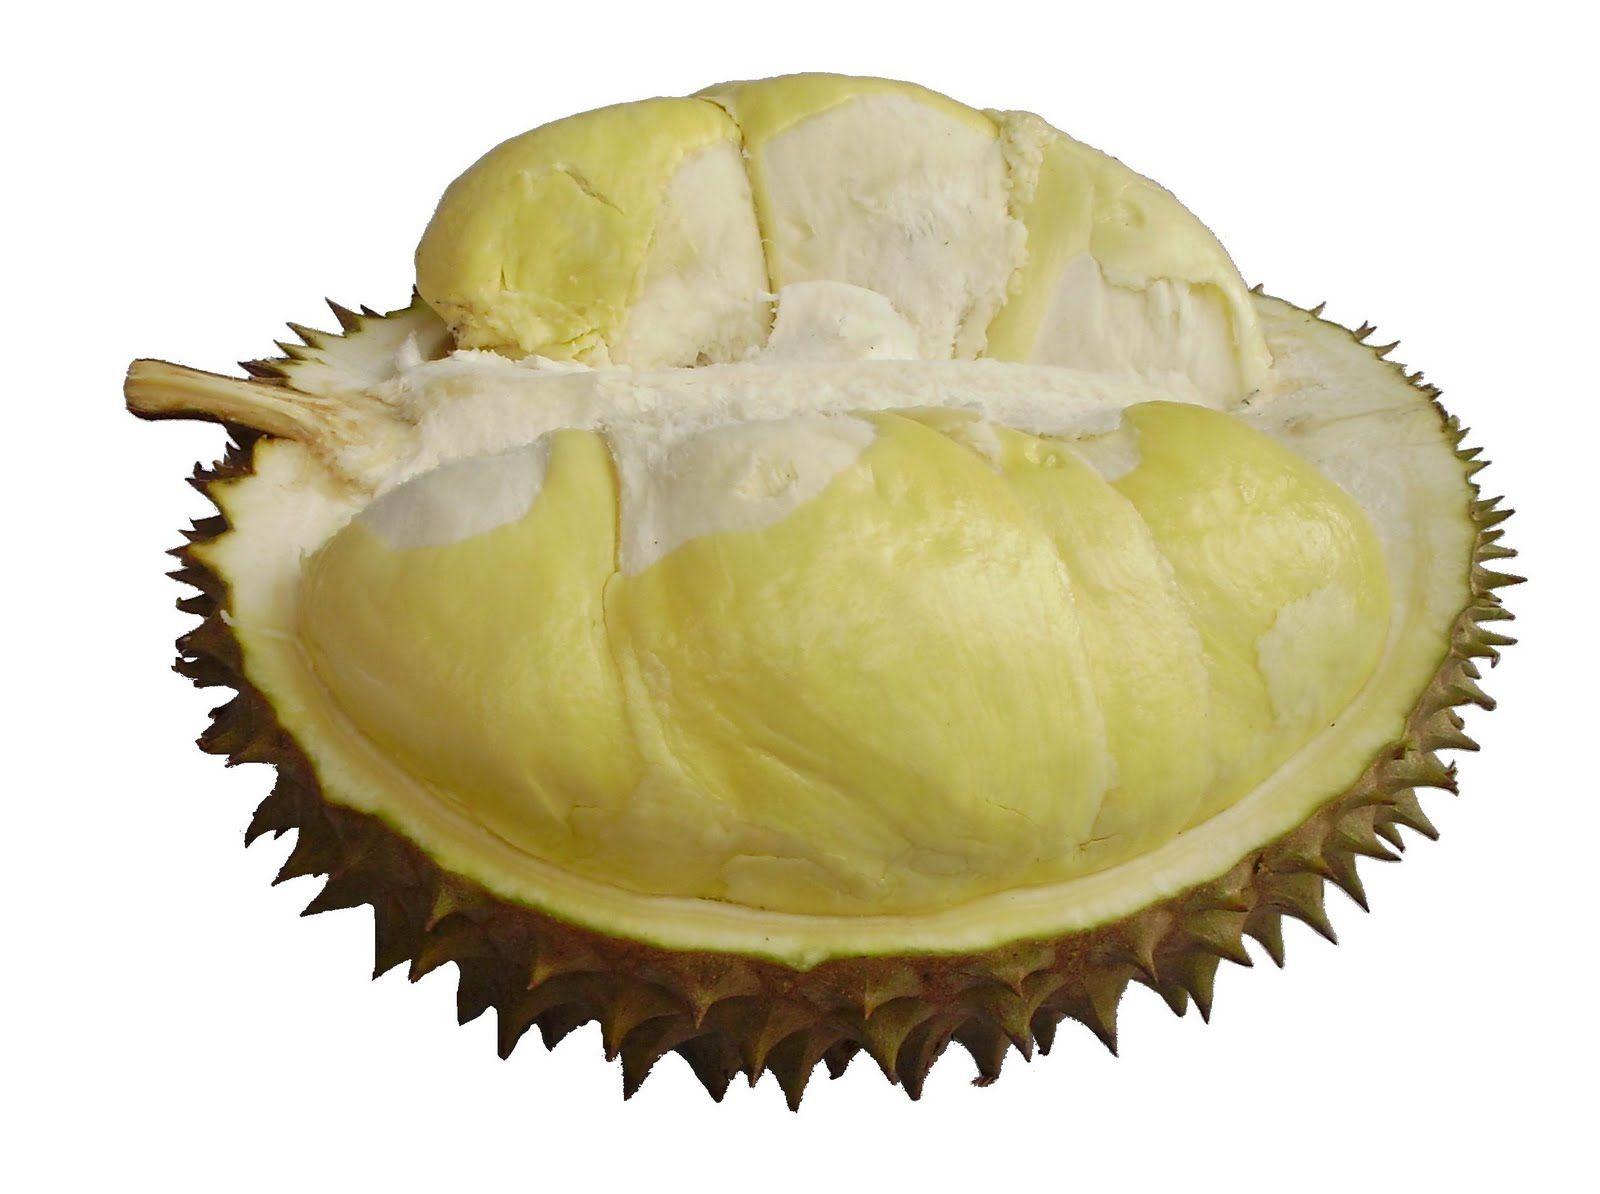 Durian Un Fruit Controverse Sur Certaines Compagnies Aeriennes Le Transport De Ce Fruit En Cabine Est Strictement Interdit Du Fait Du Par Buah Makanan Kacang